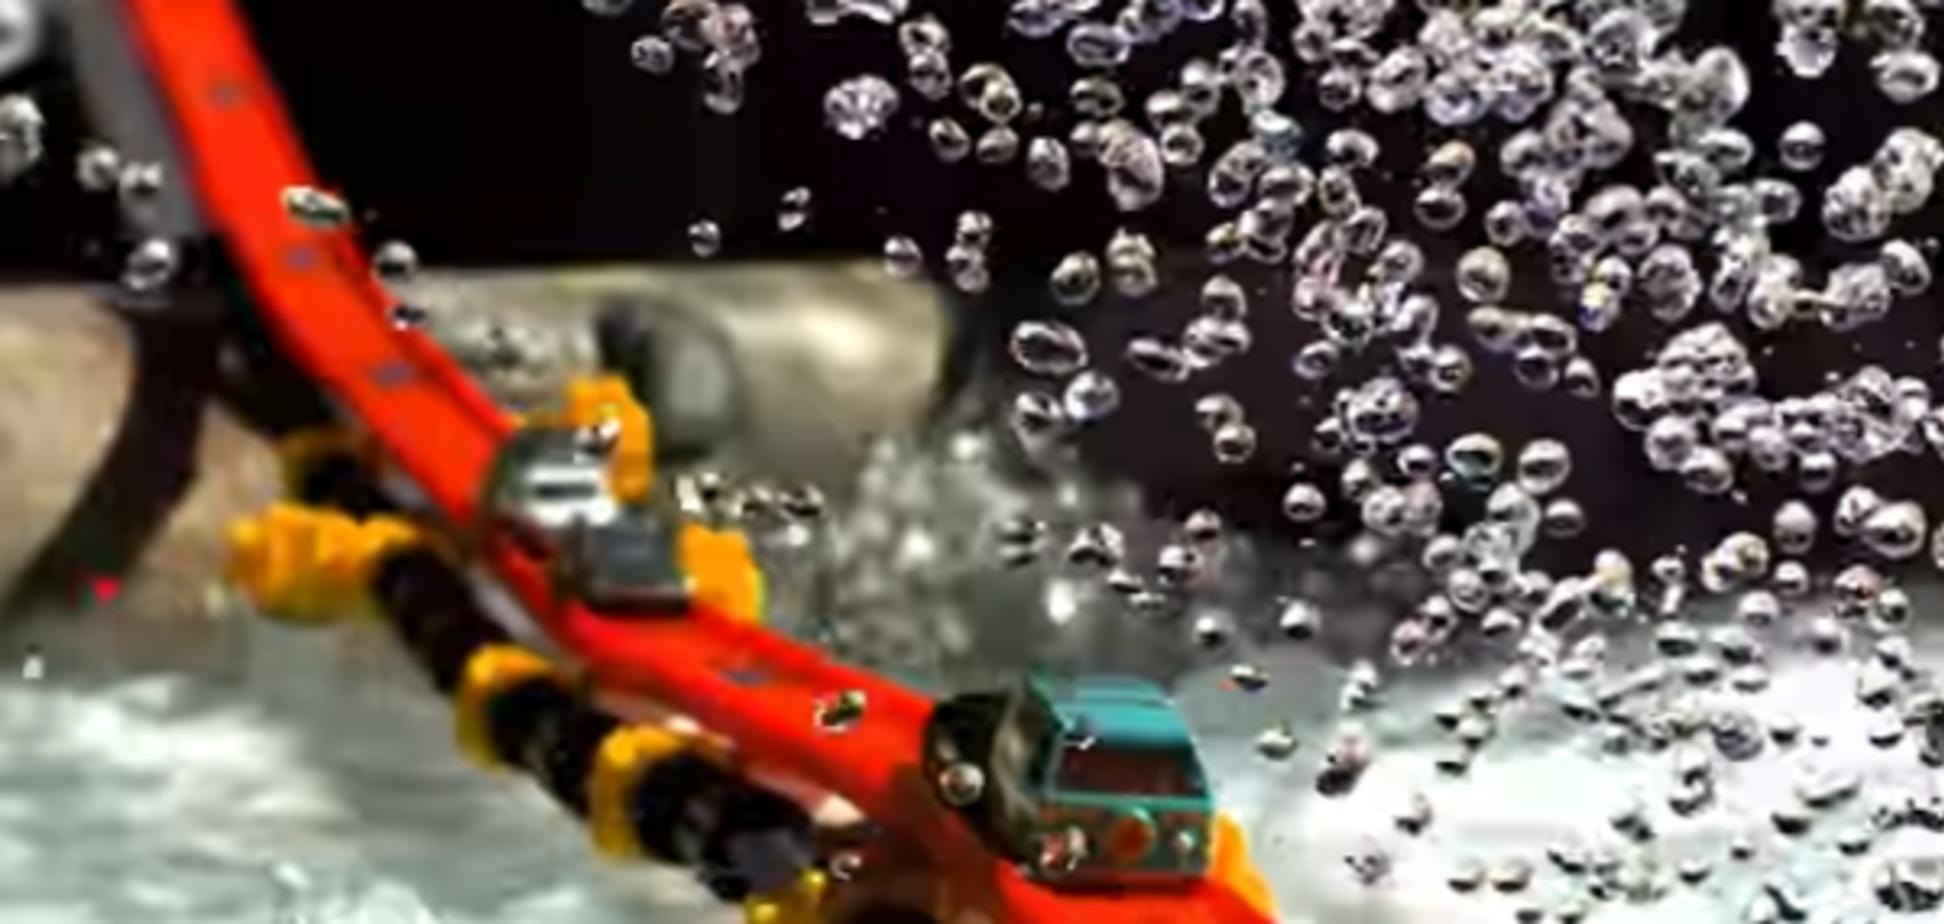 Мечта любого ребенка: видеоблогер построил неимоверно крутую игрушечную трассу